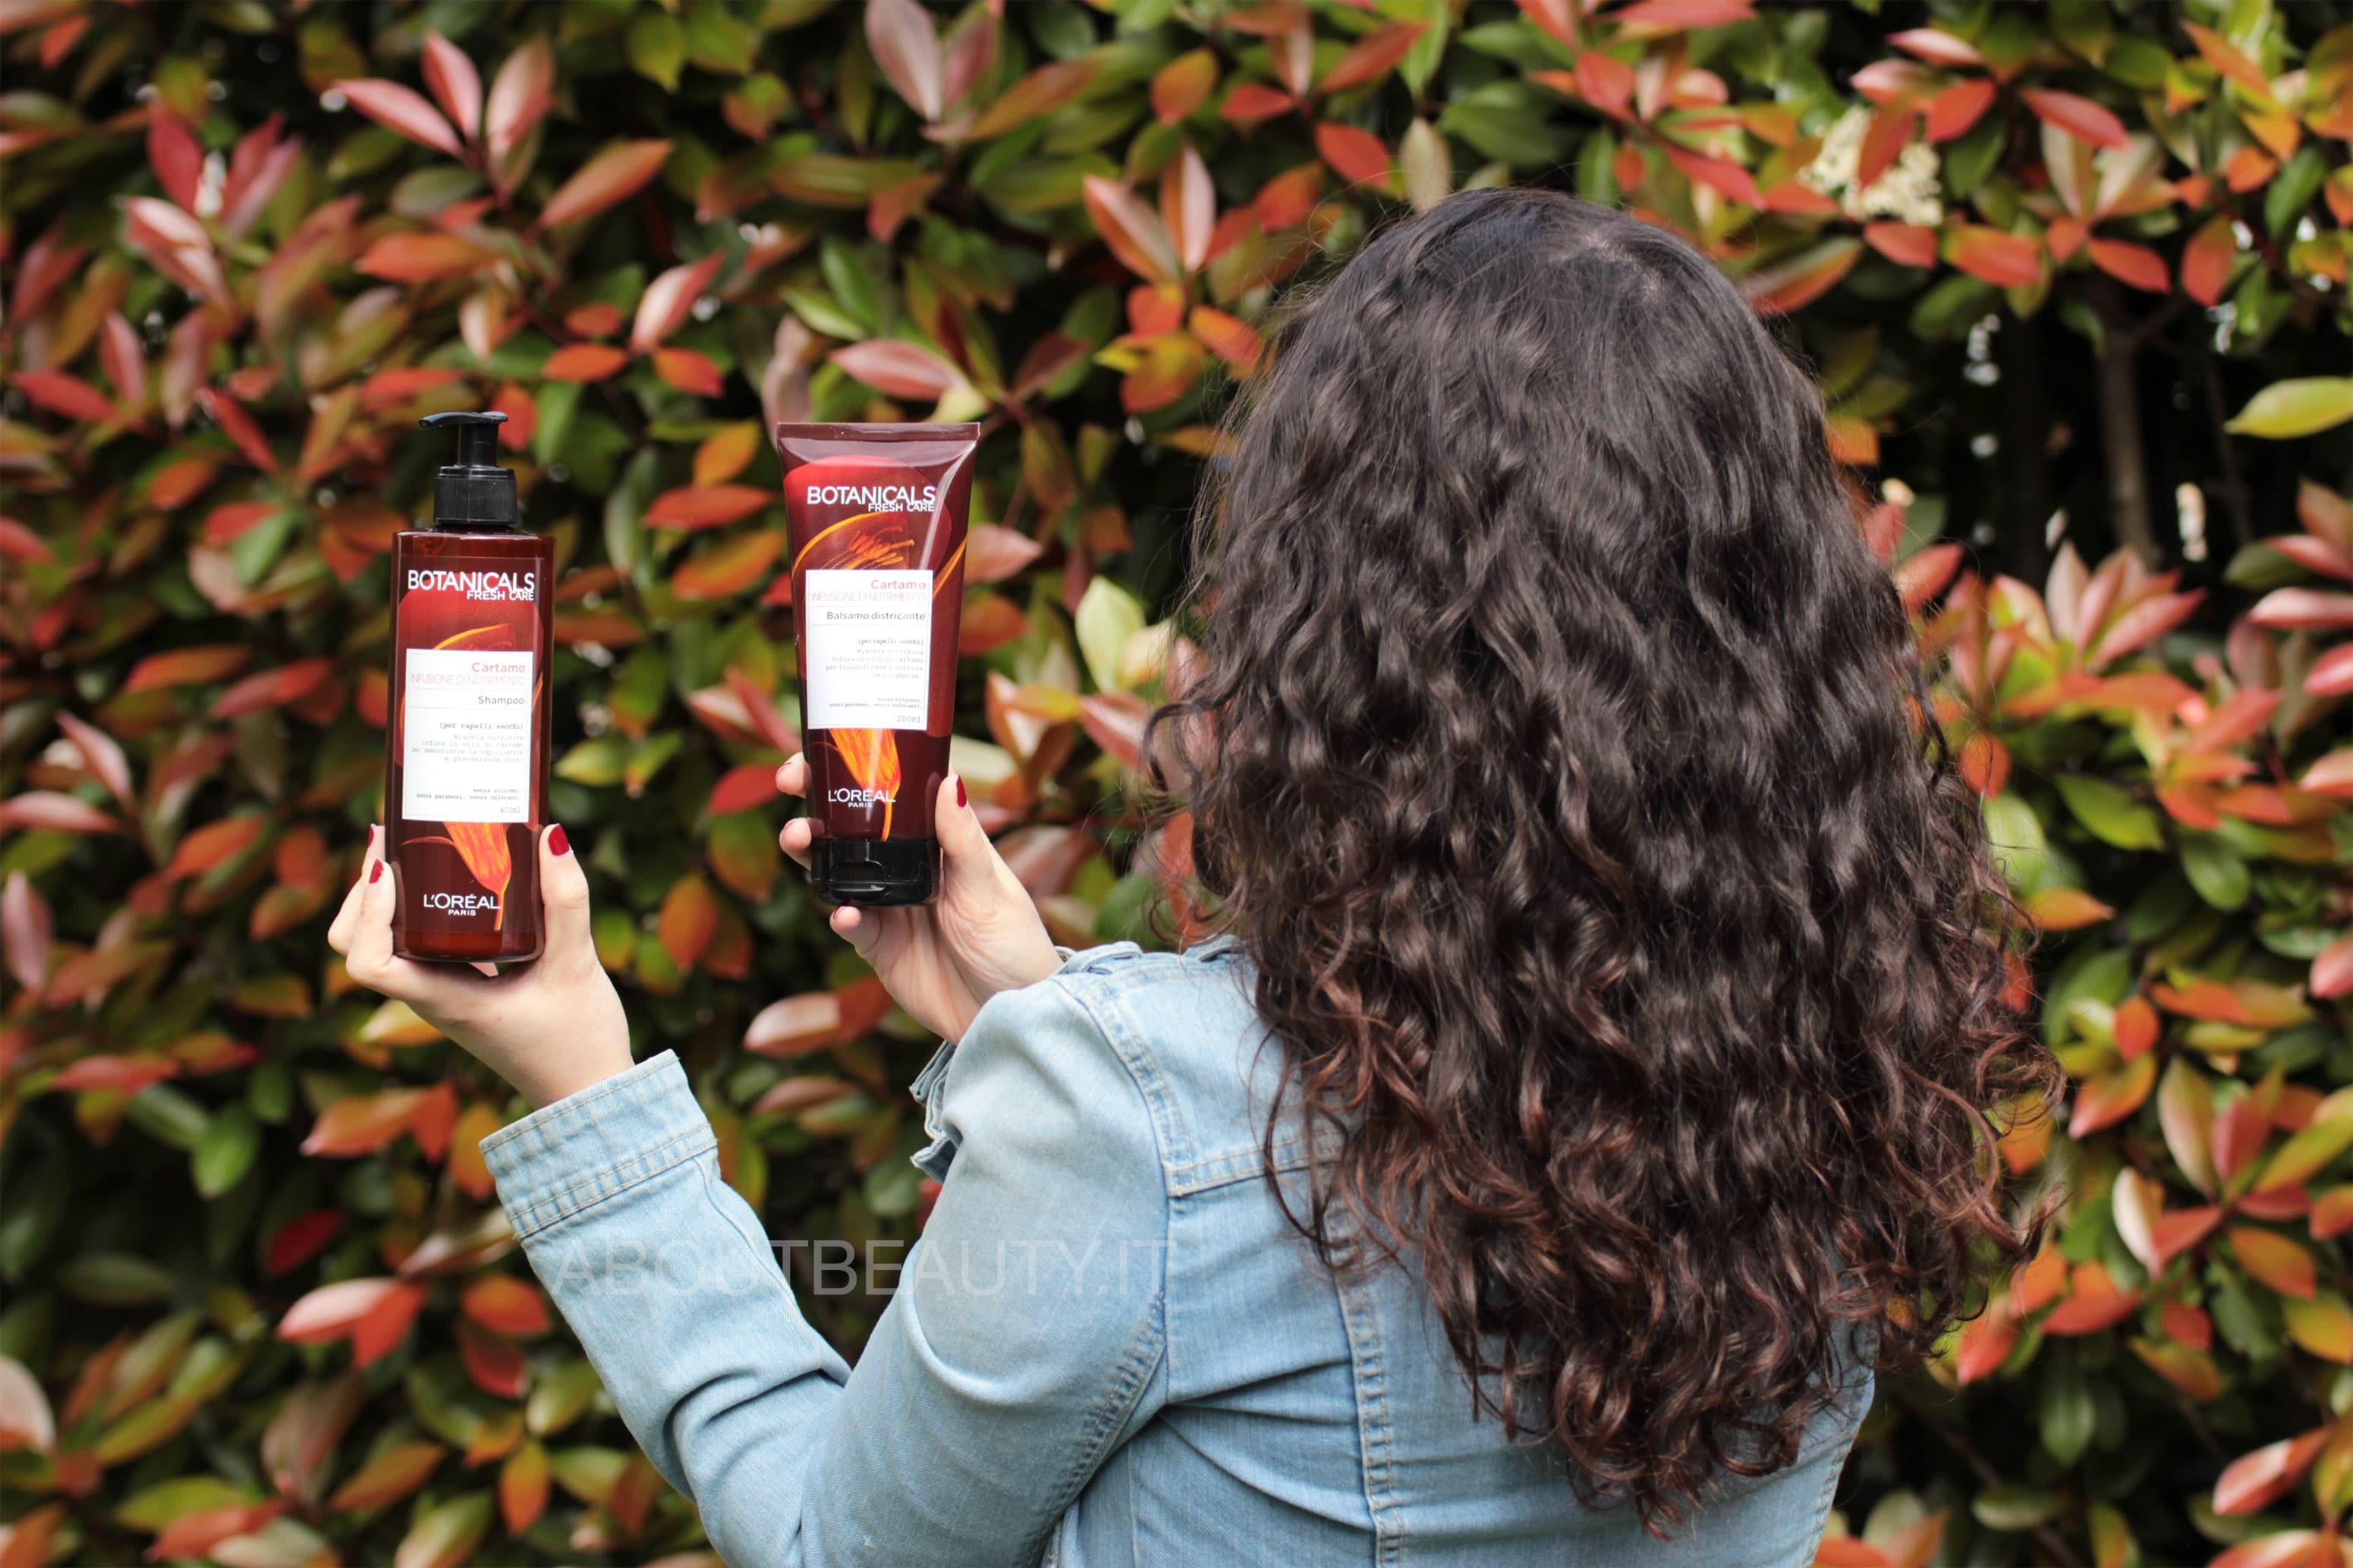 L'Oreal Botanicals Fresh Care, la linea al Cartamo per capelli secchi - Shampoo e balsamo